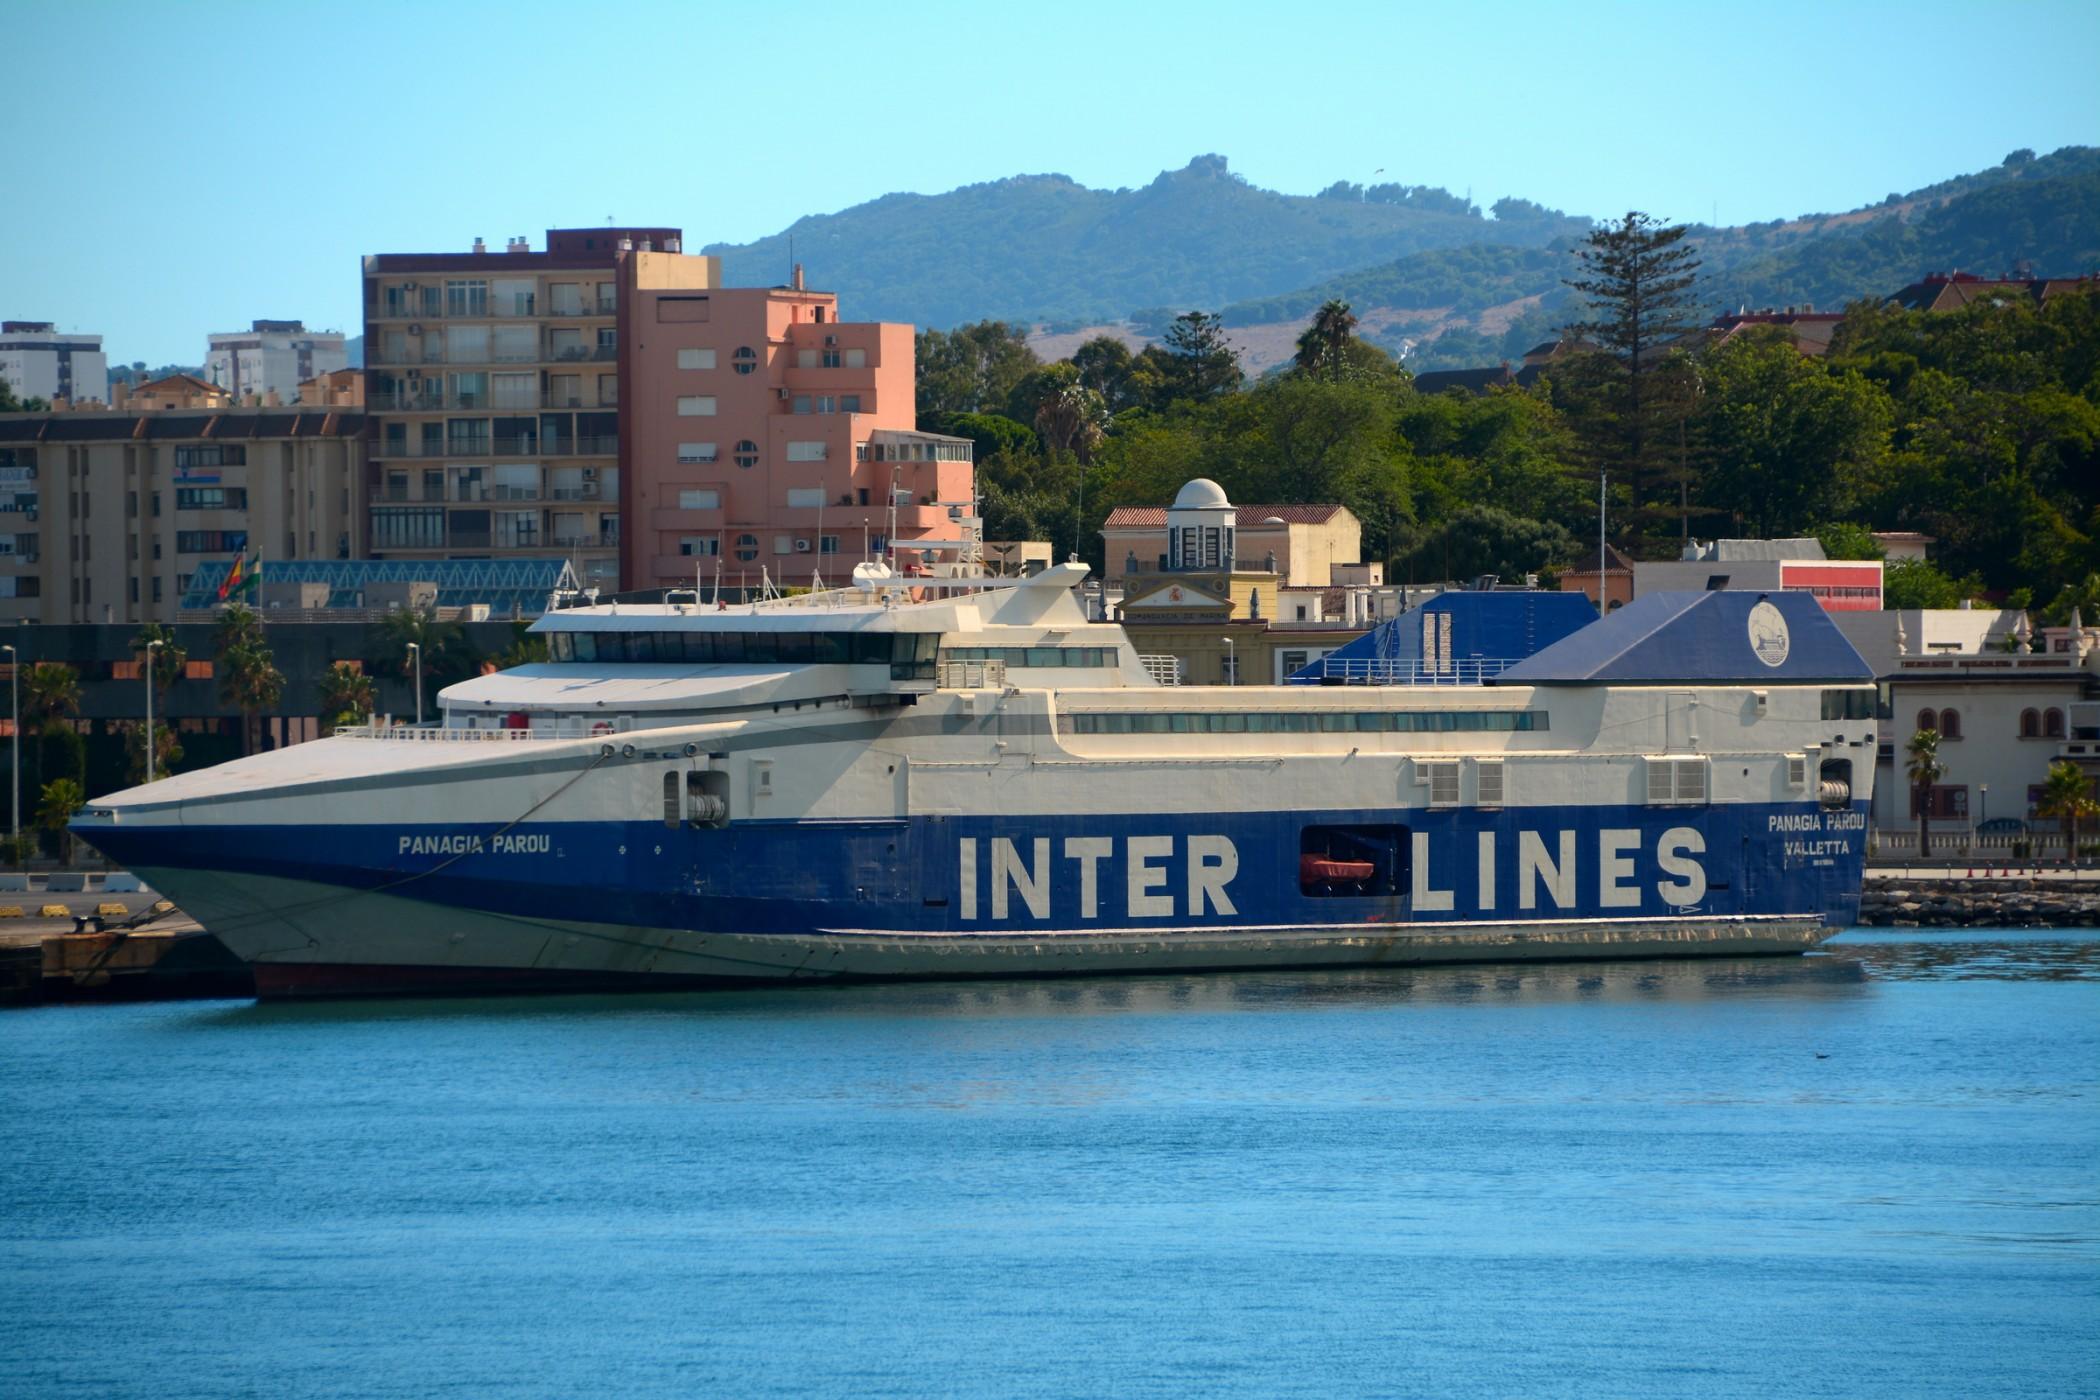 Panagia Parou 25 07 15 Algeciras